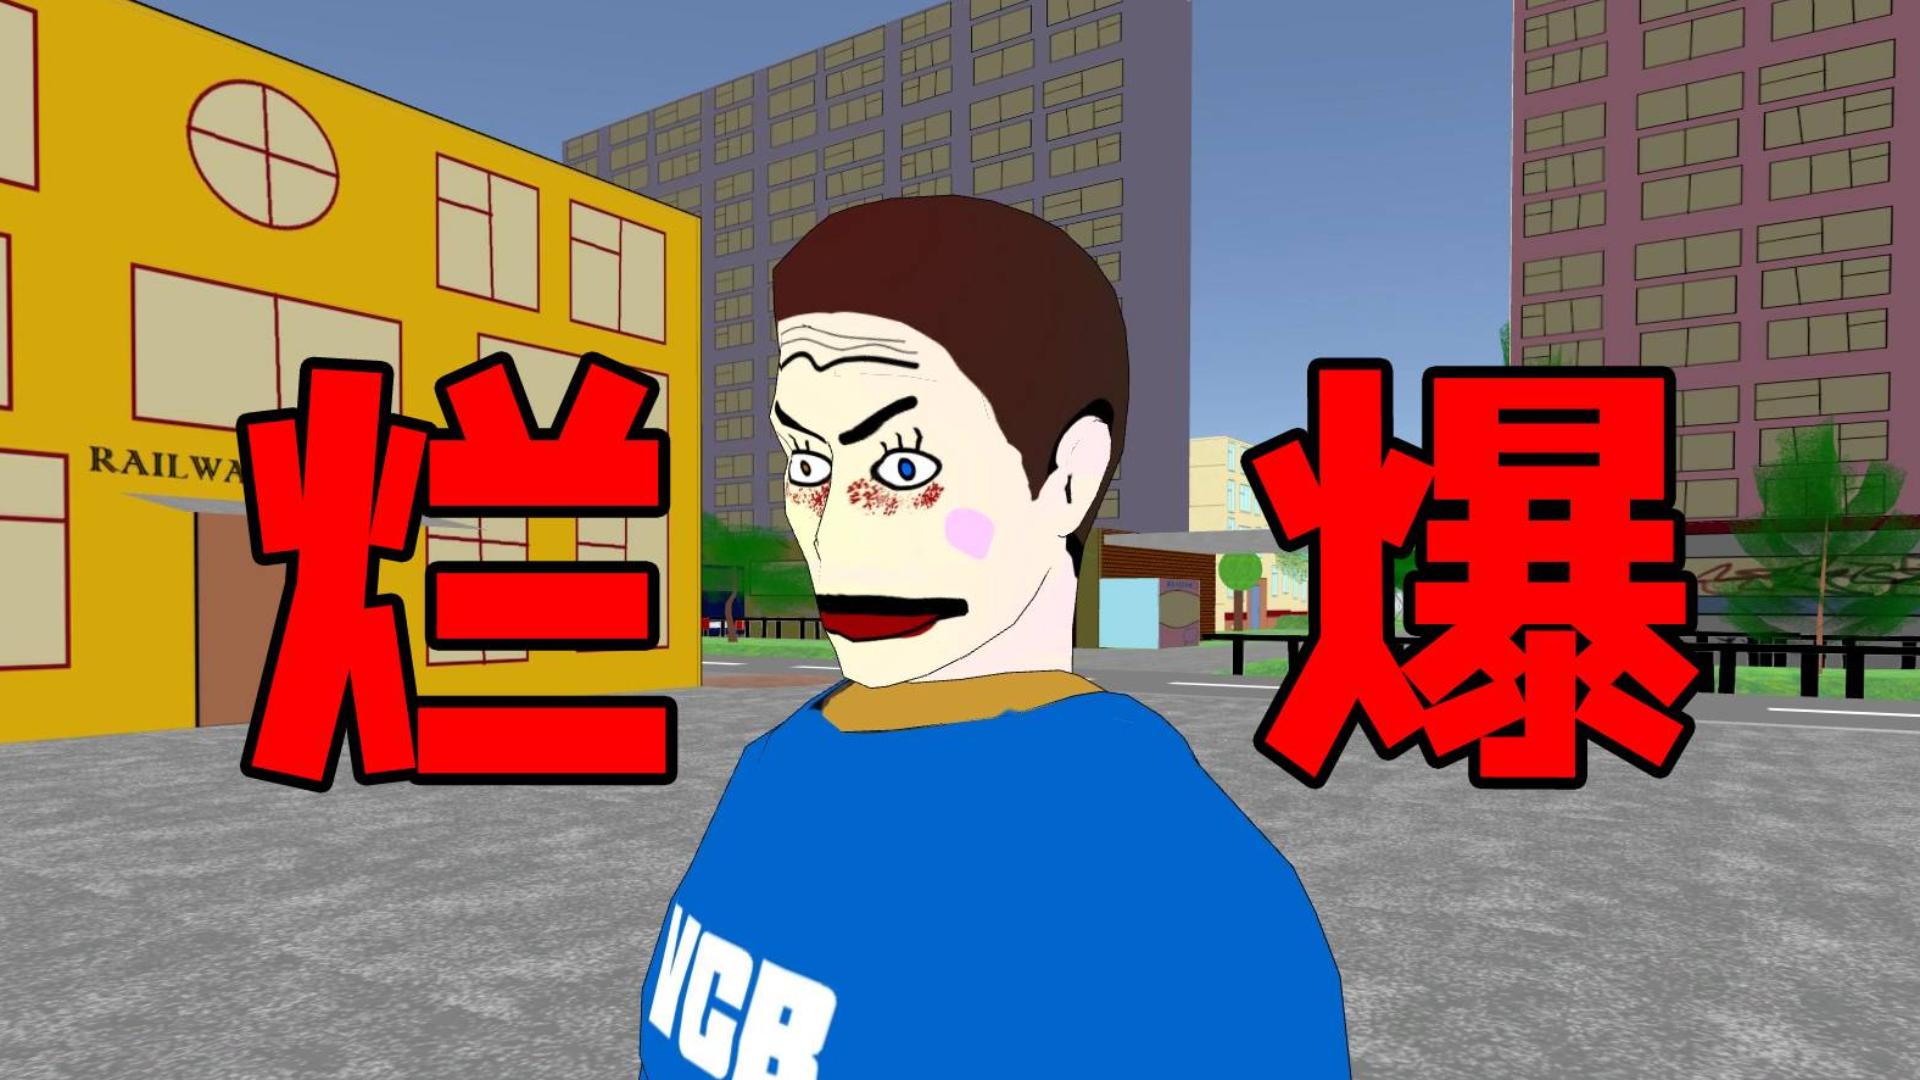 【试毒时间】这游戏让我得病毒了,玩了就会被污染中病毒!